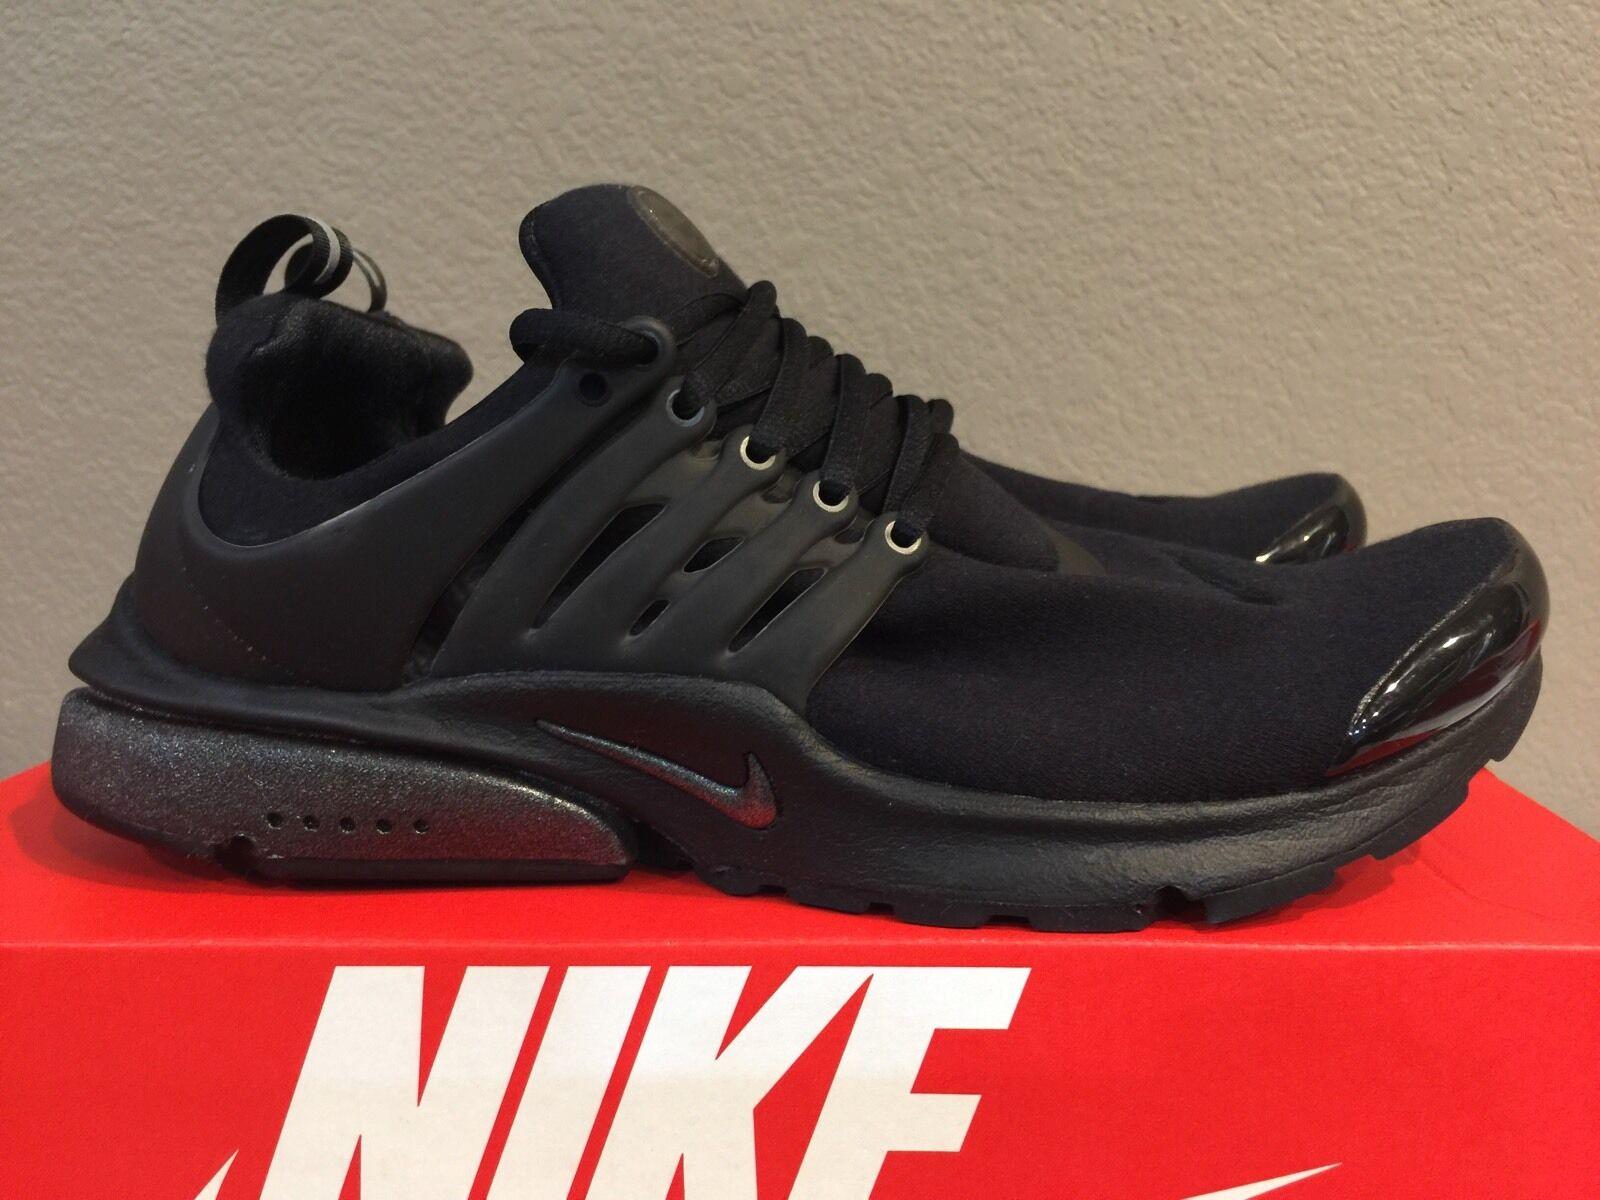 Nike air presto tp qs tech m vello nero taglia tripla m tech (m 10 - 11) [812307 001] 1f0359